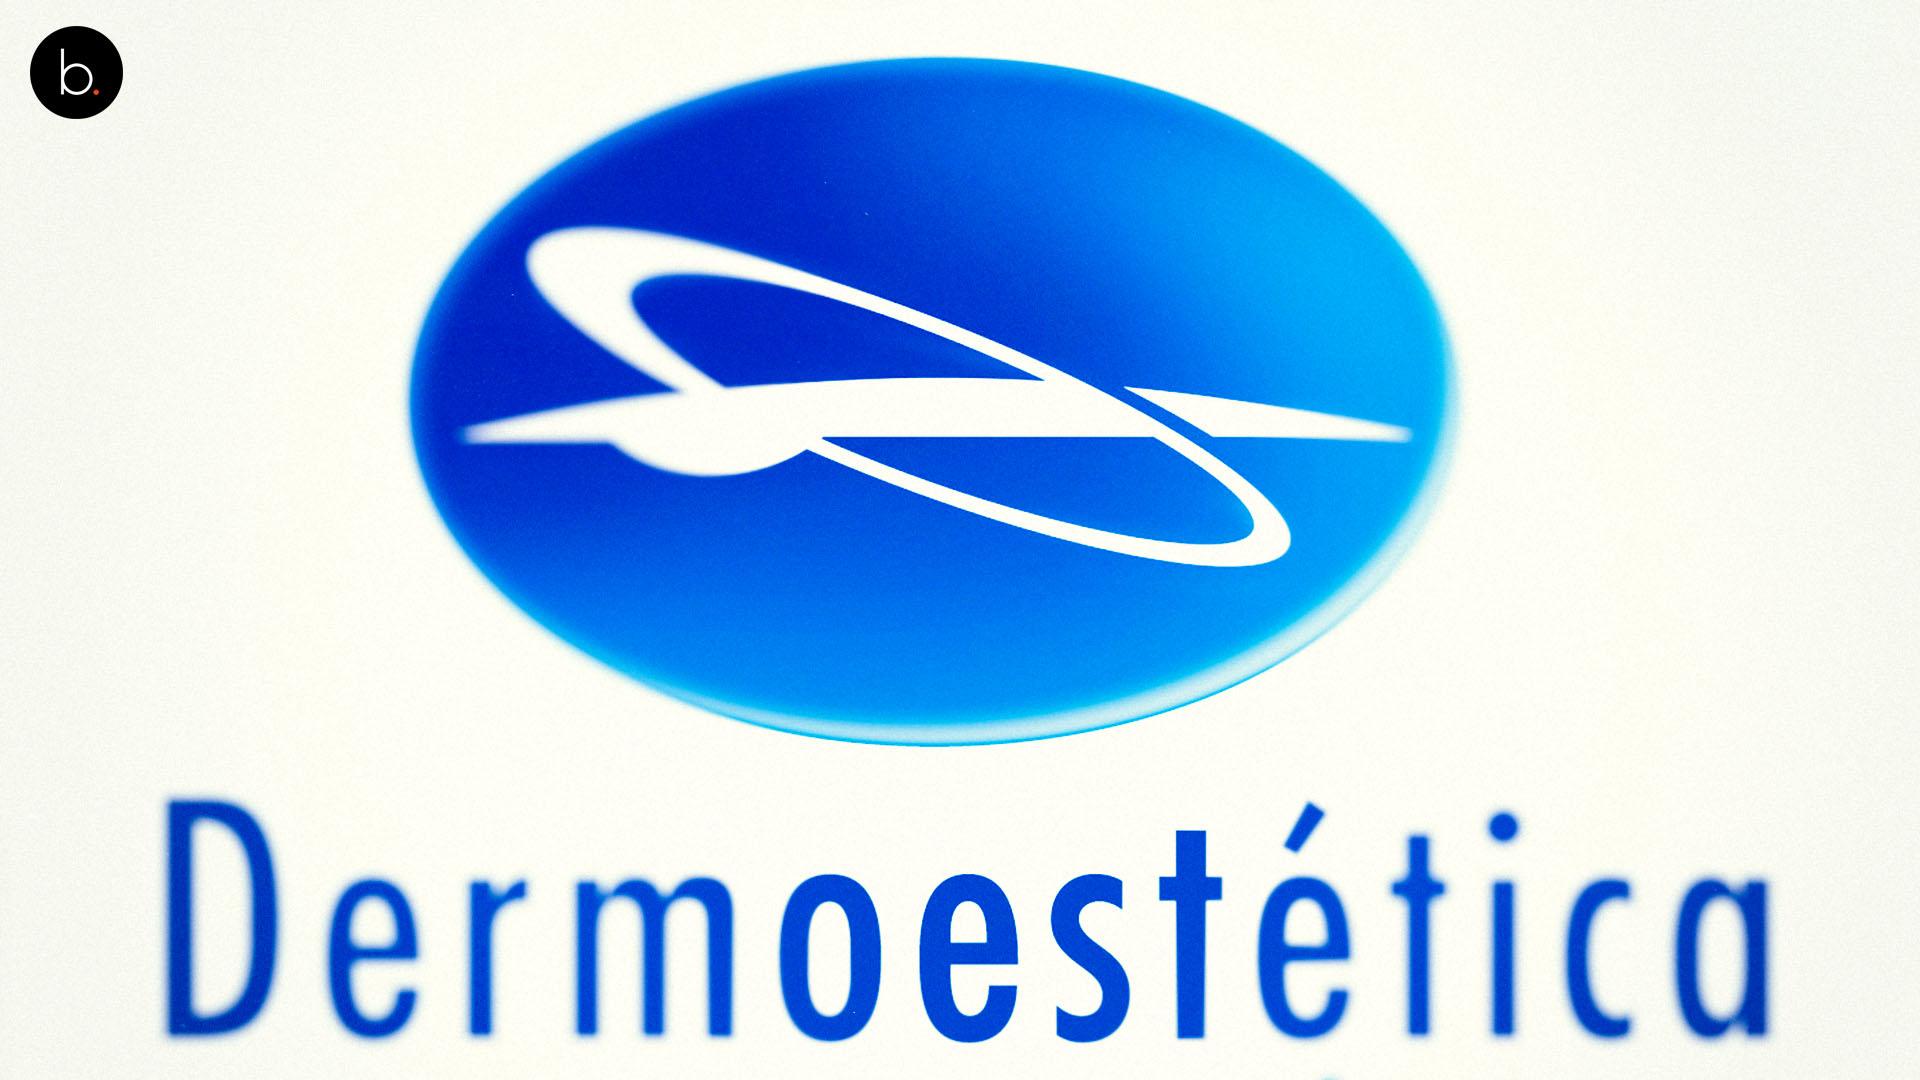 Corporación Dermoestética, marca que deja el mercado en 2015